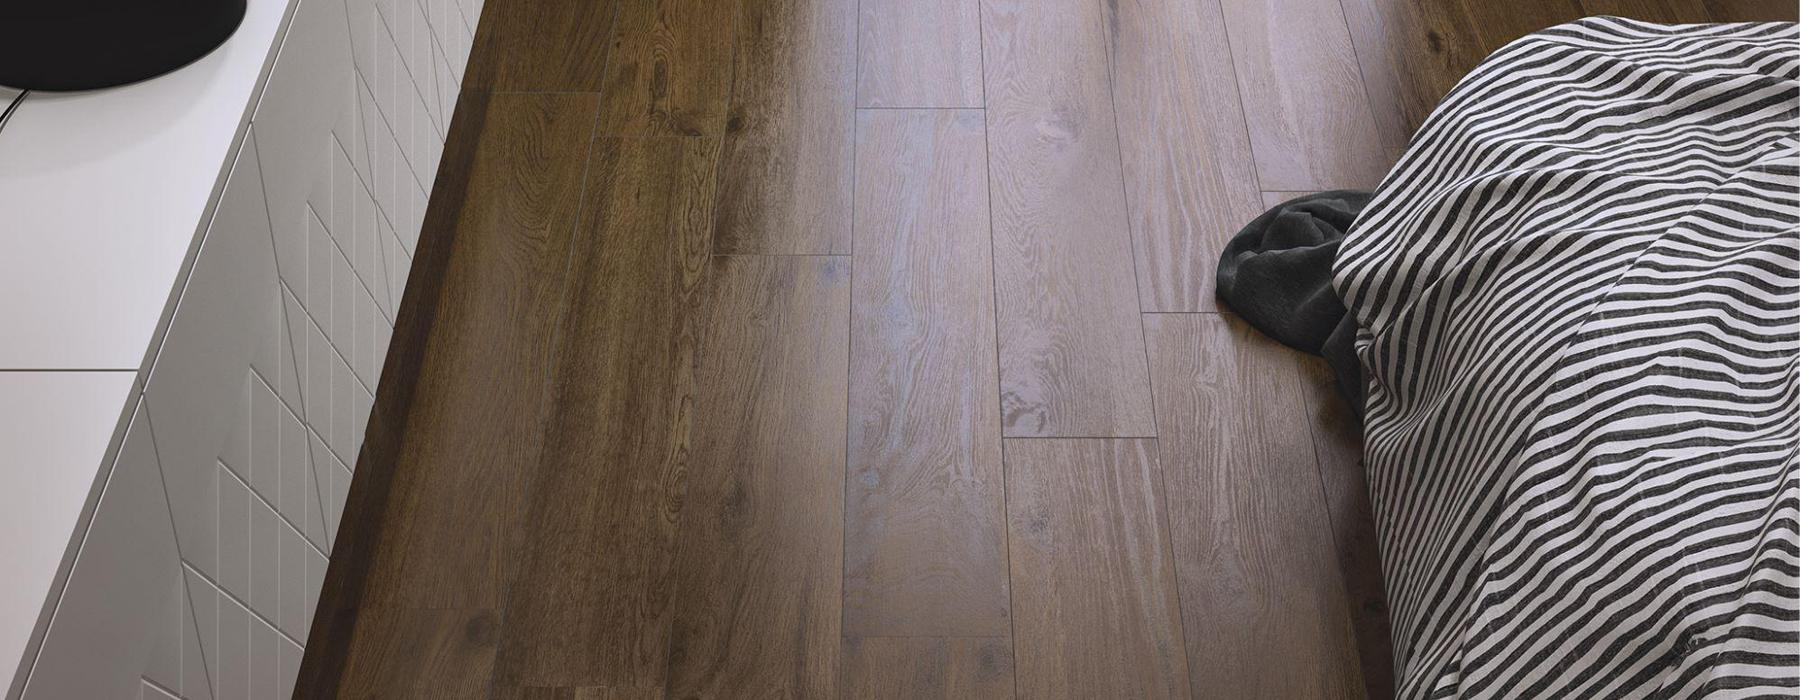 Serie belfast suelos porcelanico imitaci n madera en - Suelo rectificado ...